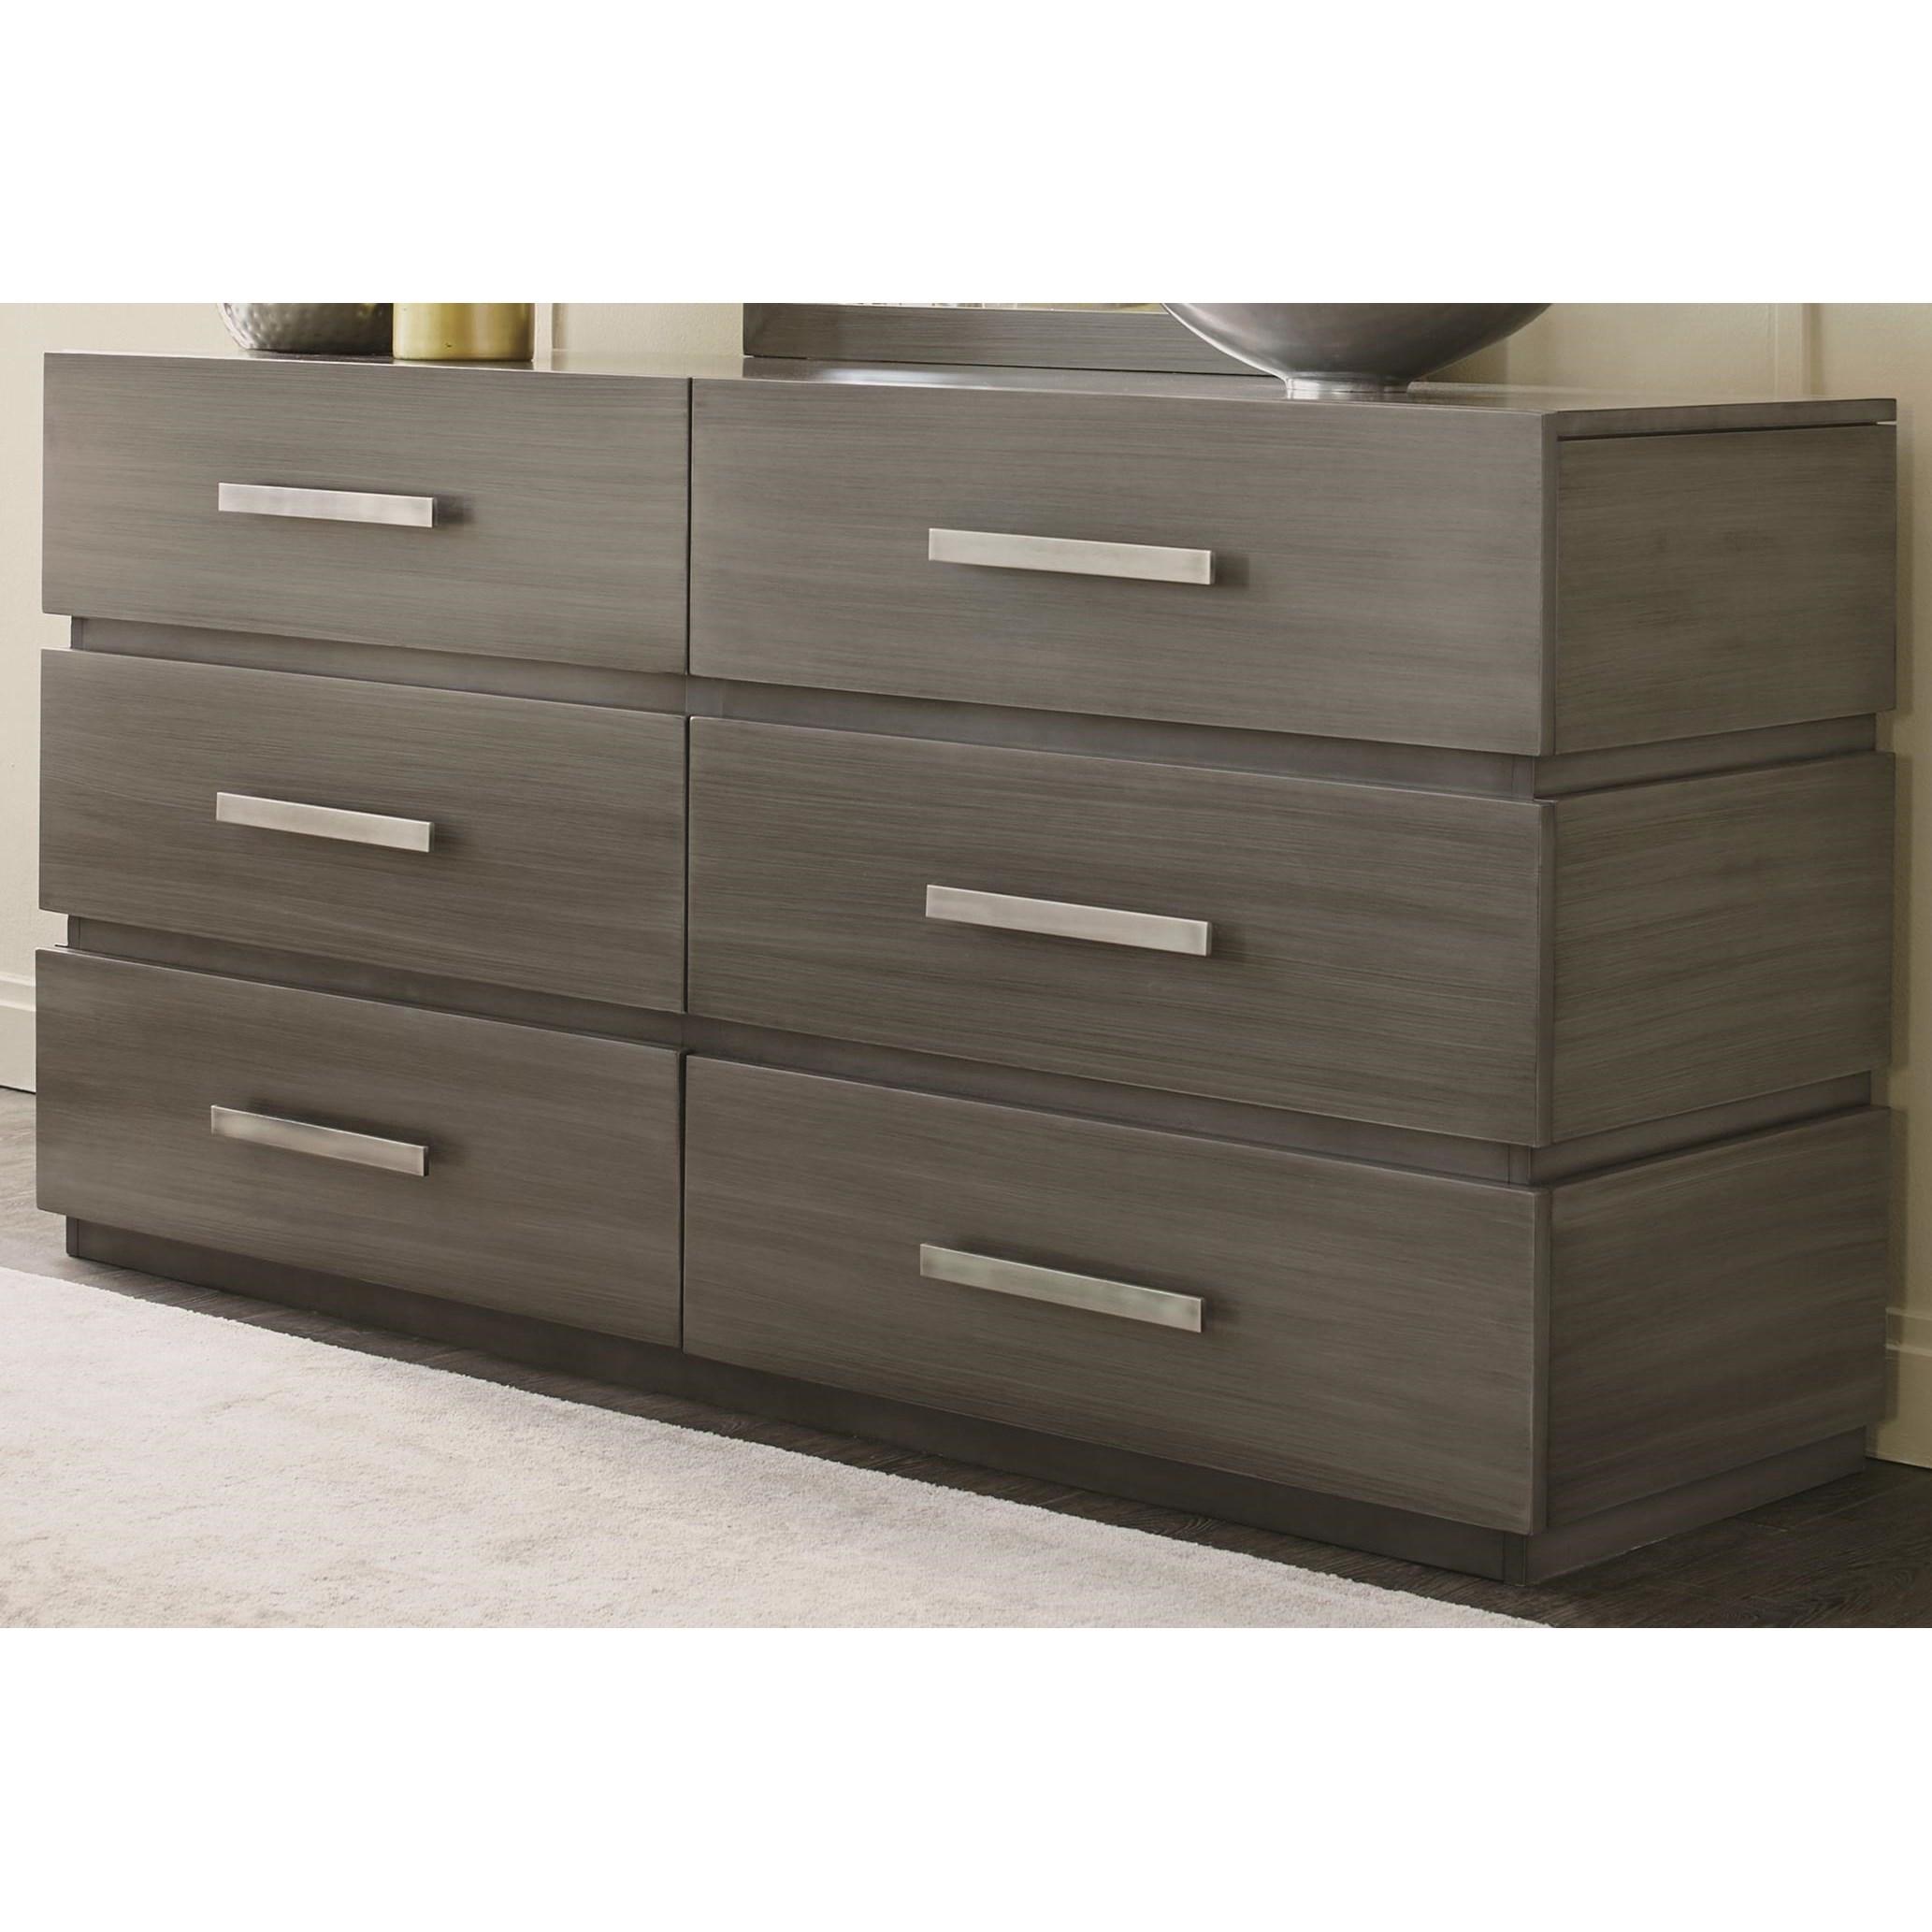 Double dresser modern simplicity